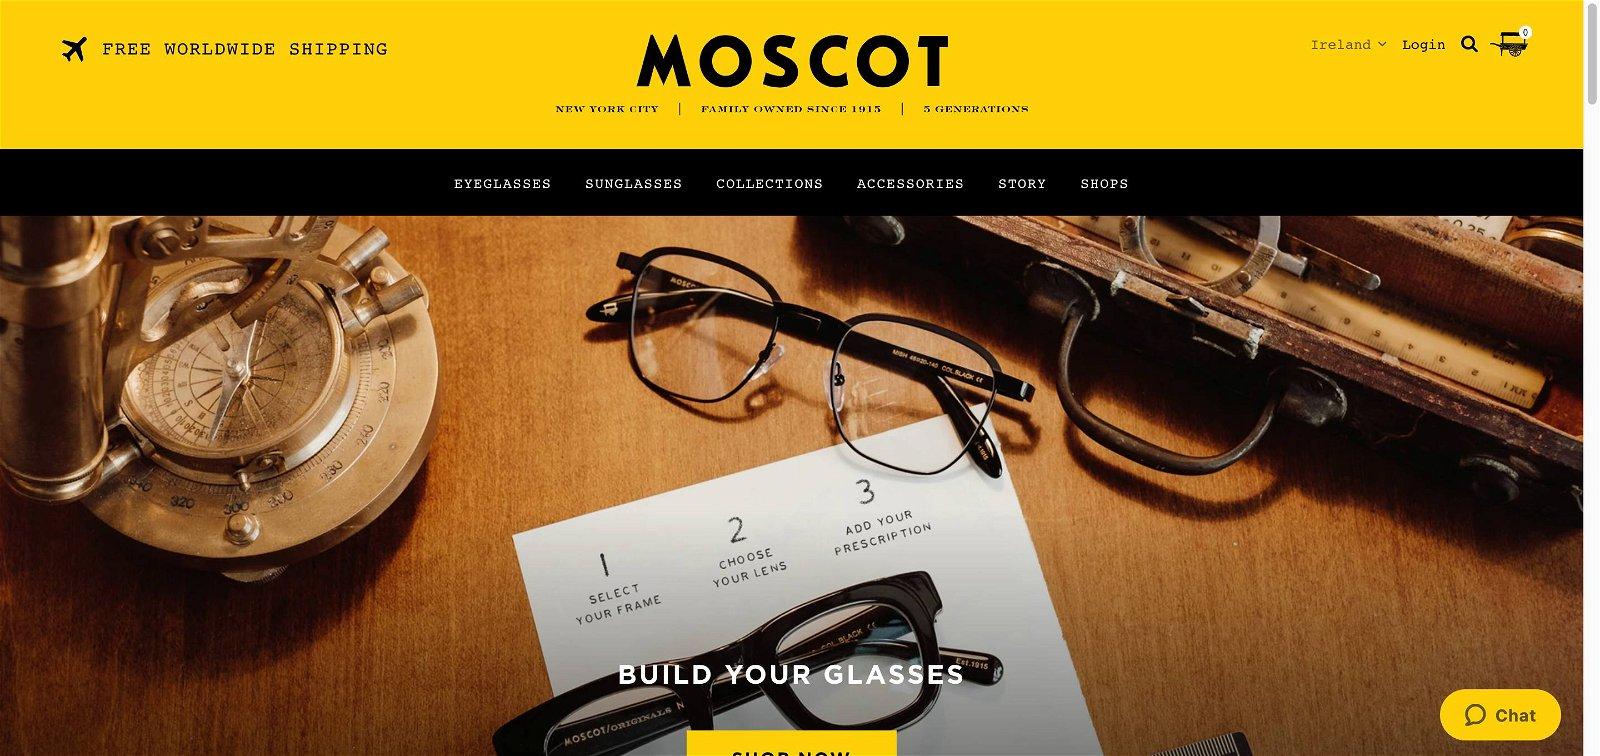 Moscot.com 1